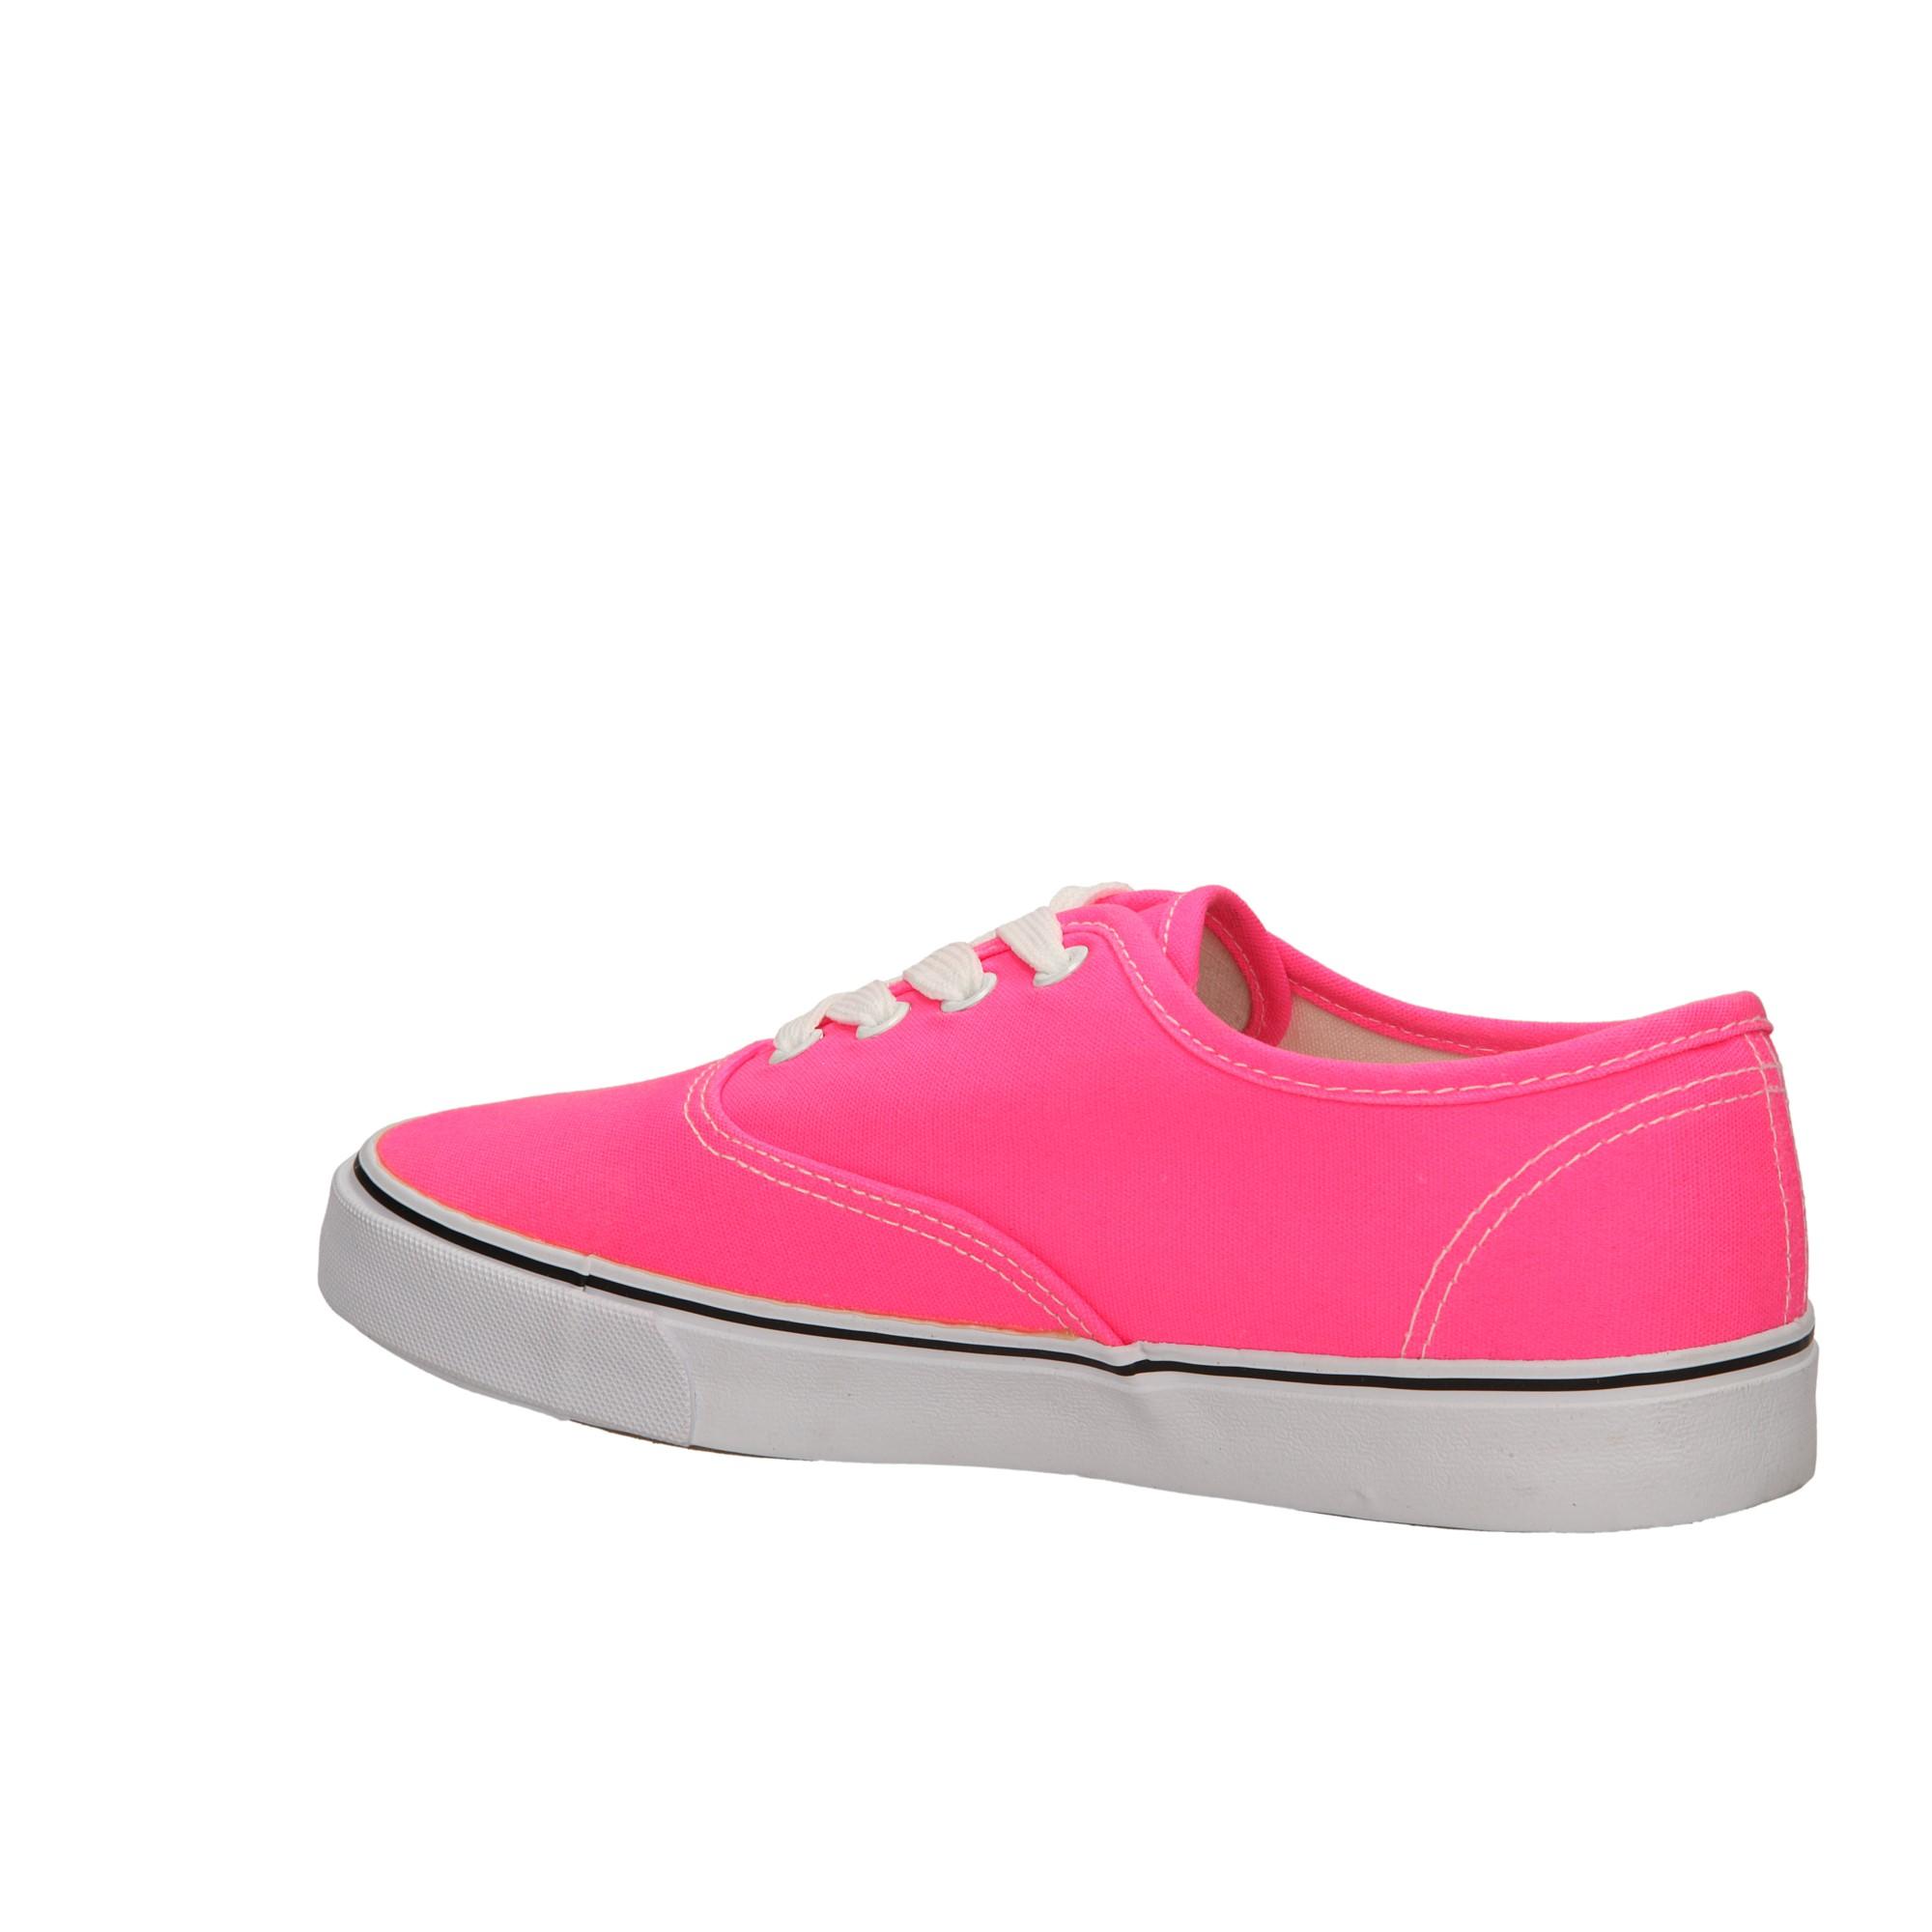 TRAMPKI CASU 7TX-JA141156 kolor jasny różowy